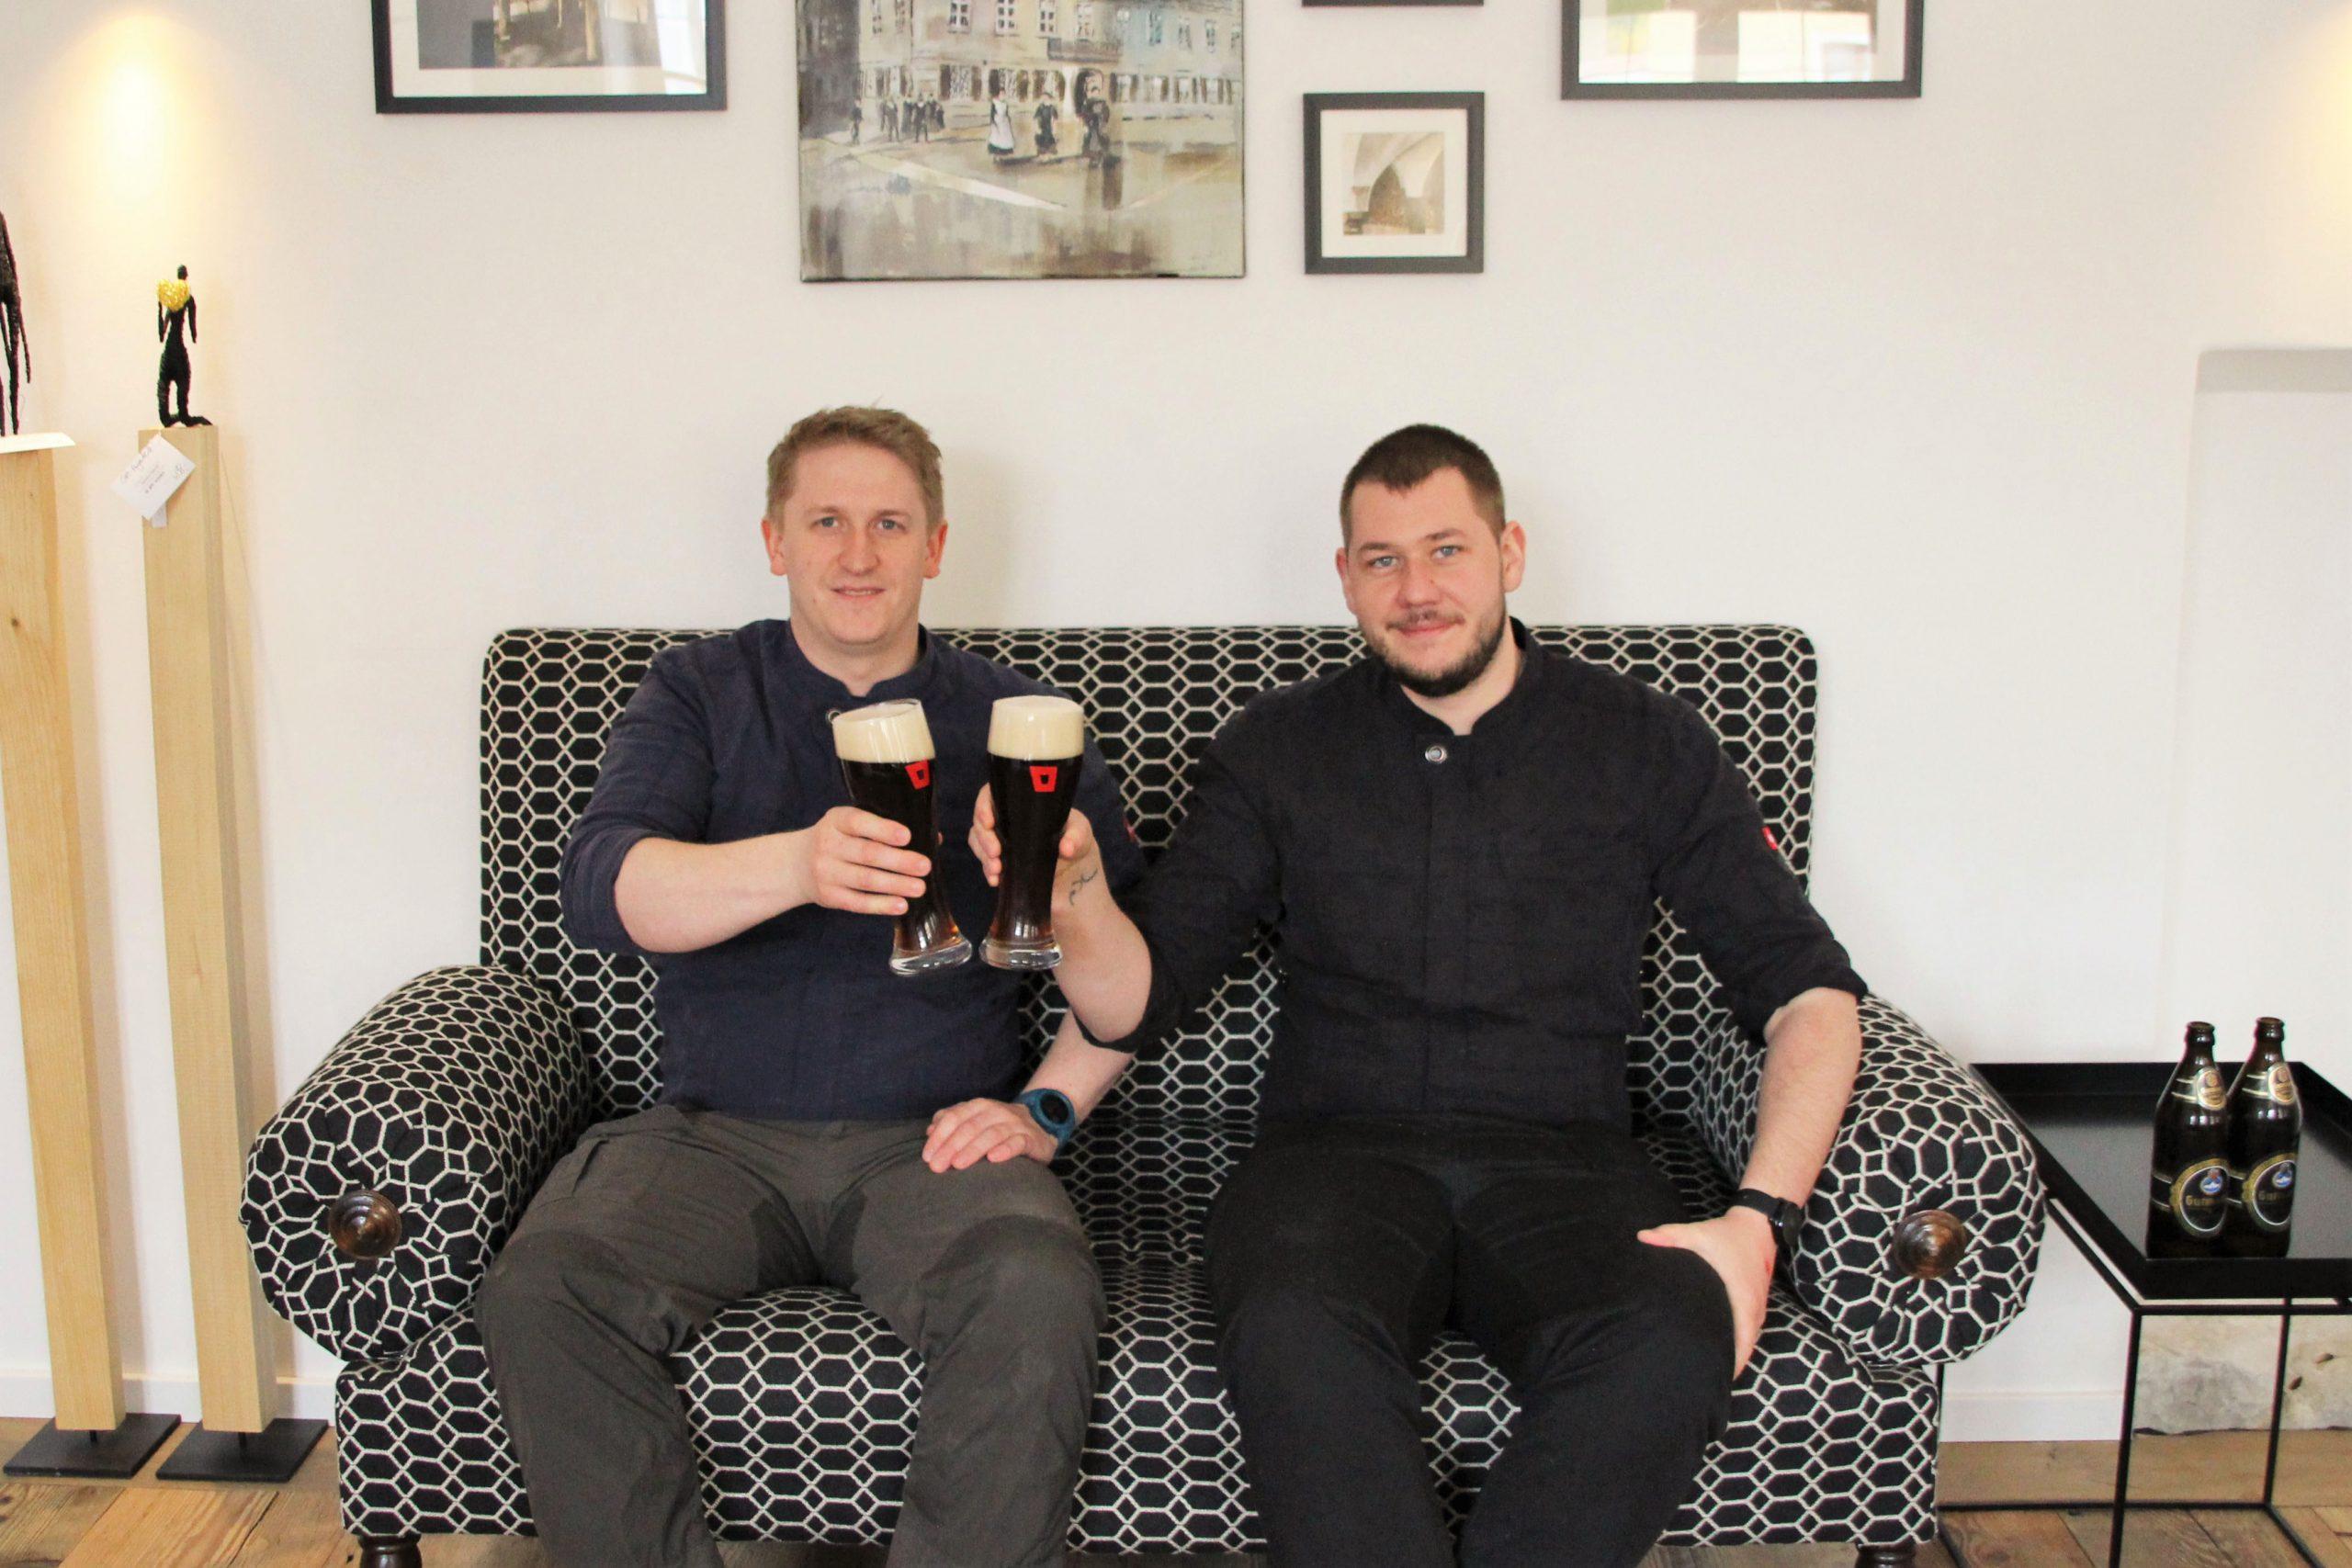 Michael Weidinger und Matthias Bersch sind die Küchenchefs in der Post Berching